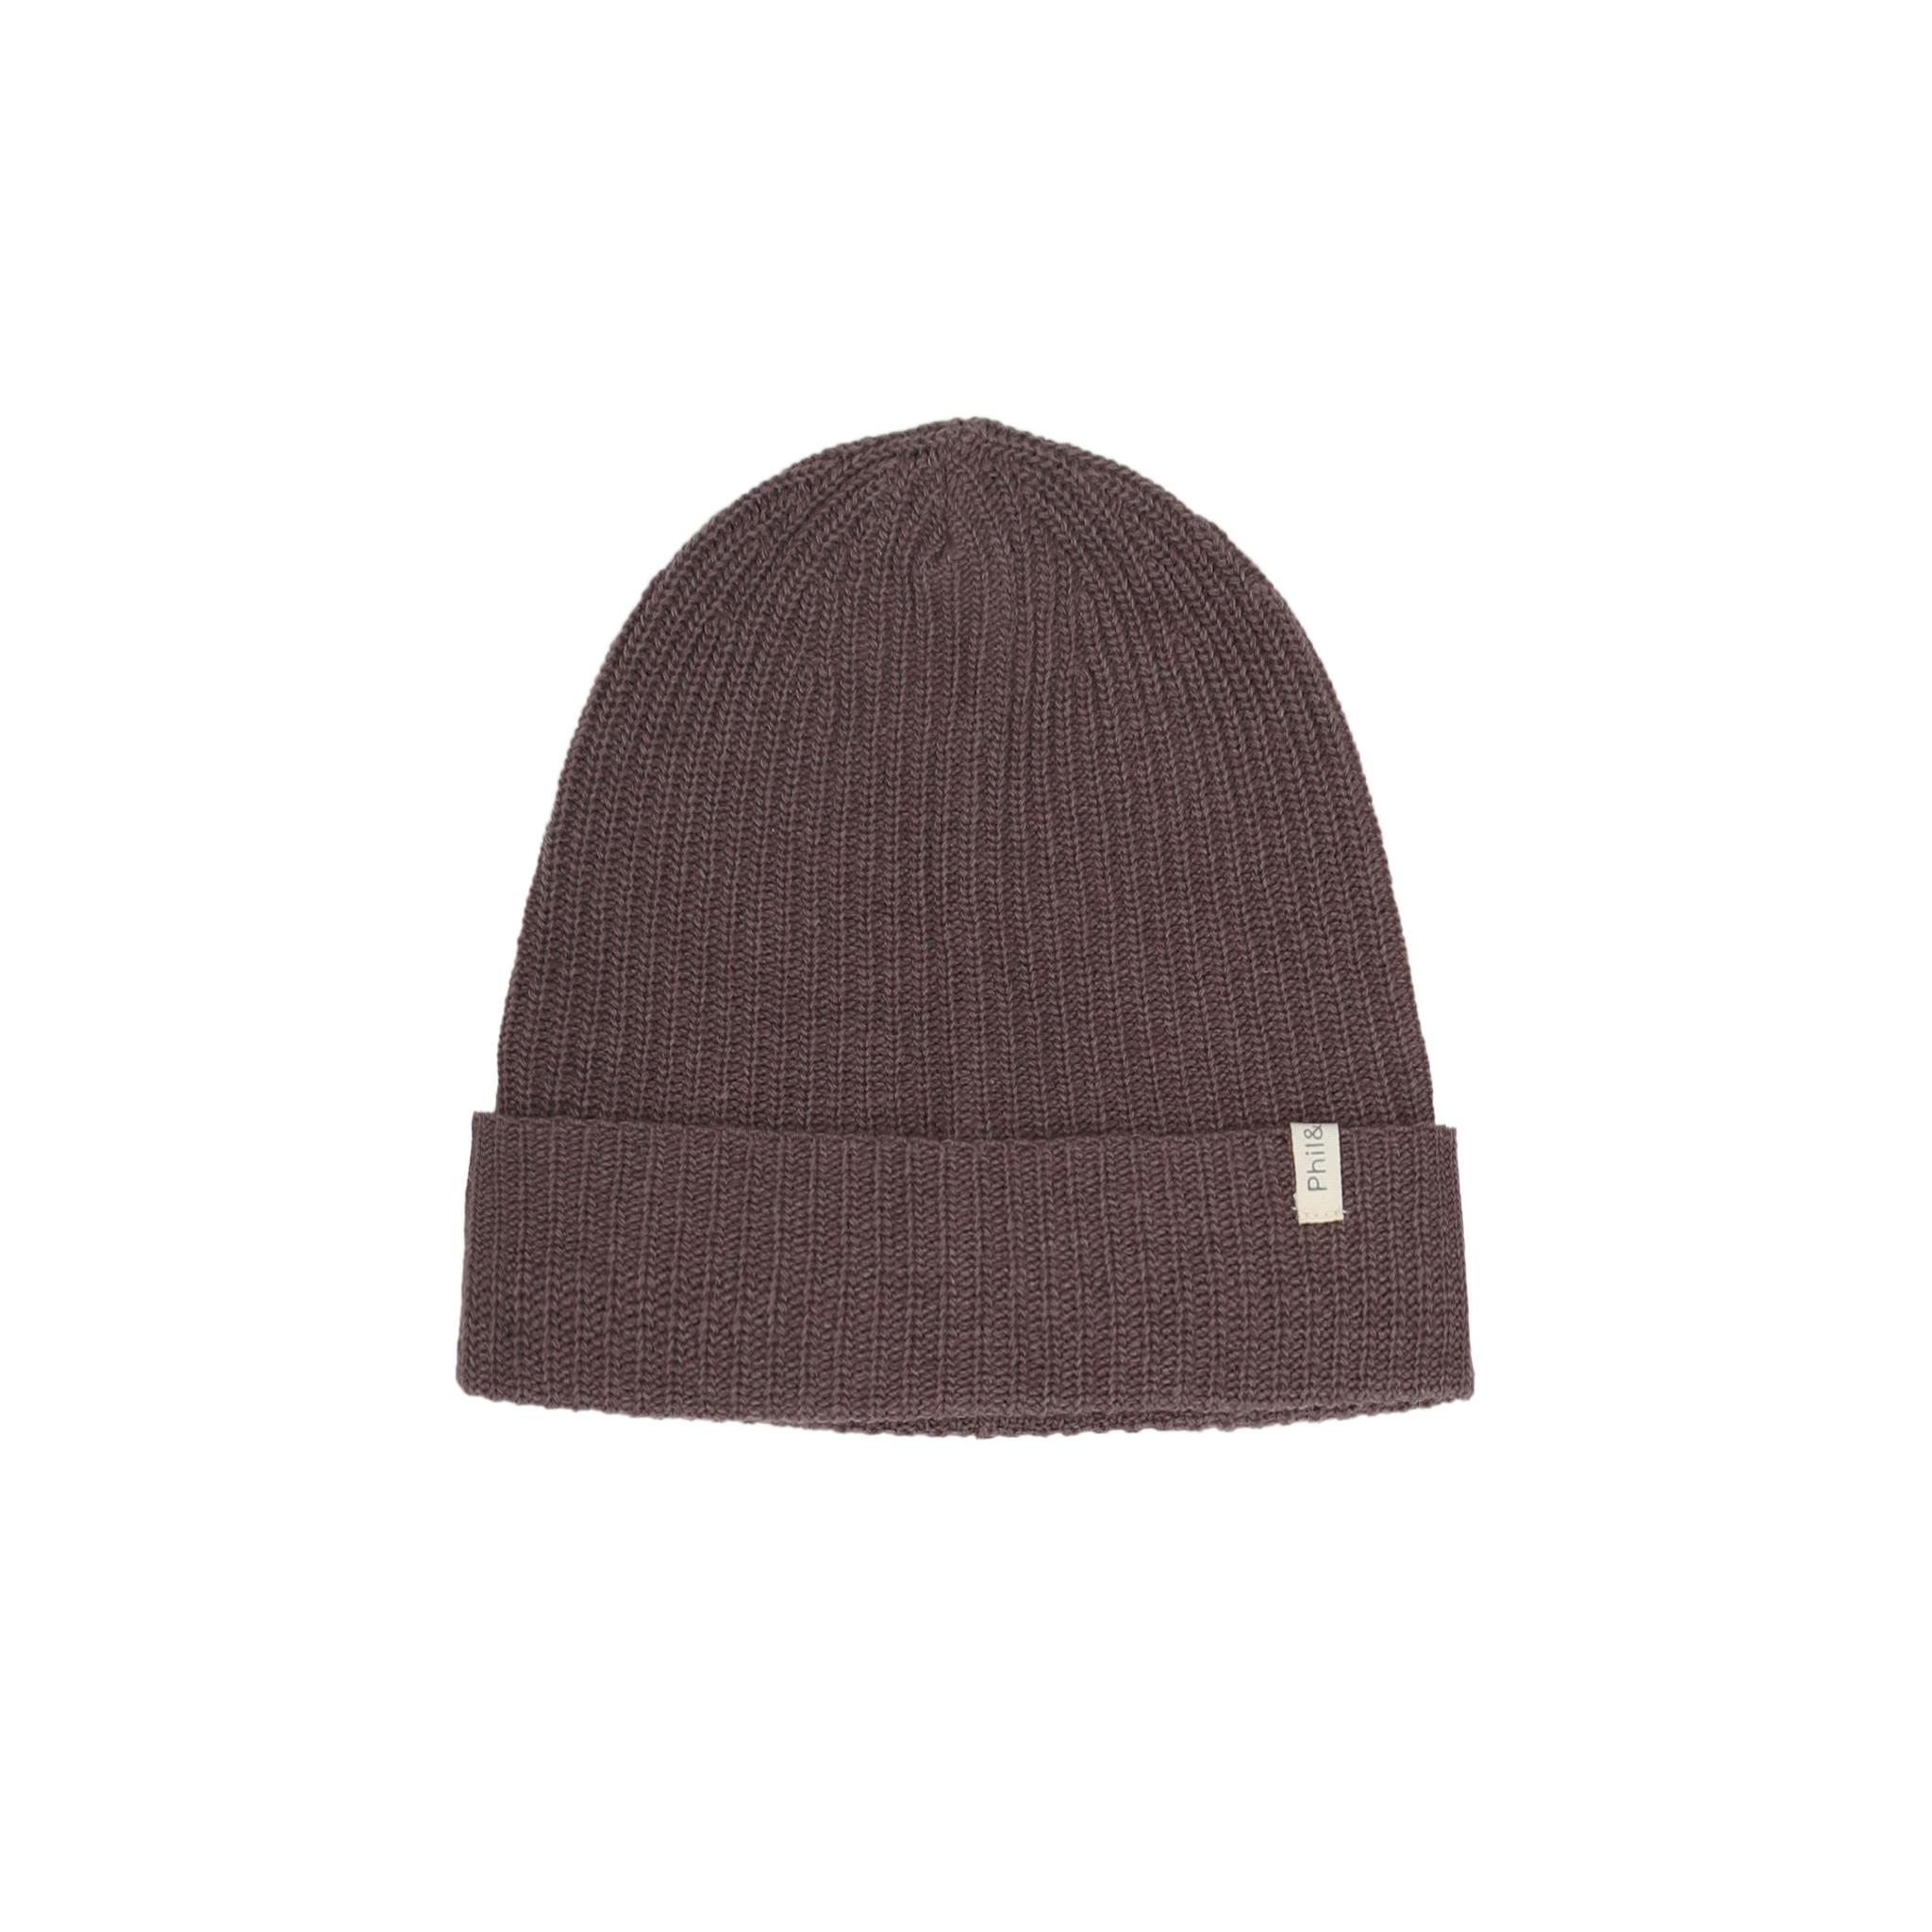 Cashmere - blend knit Beanie - Lavender-1